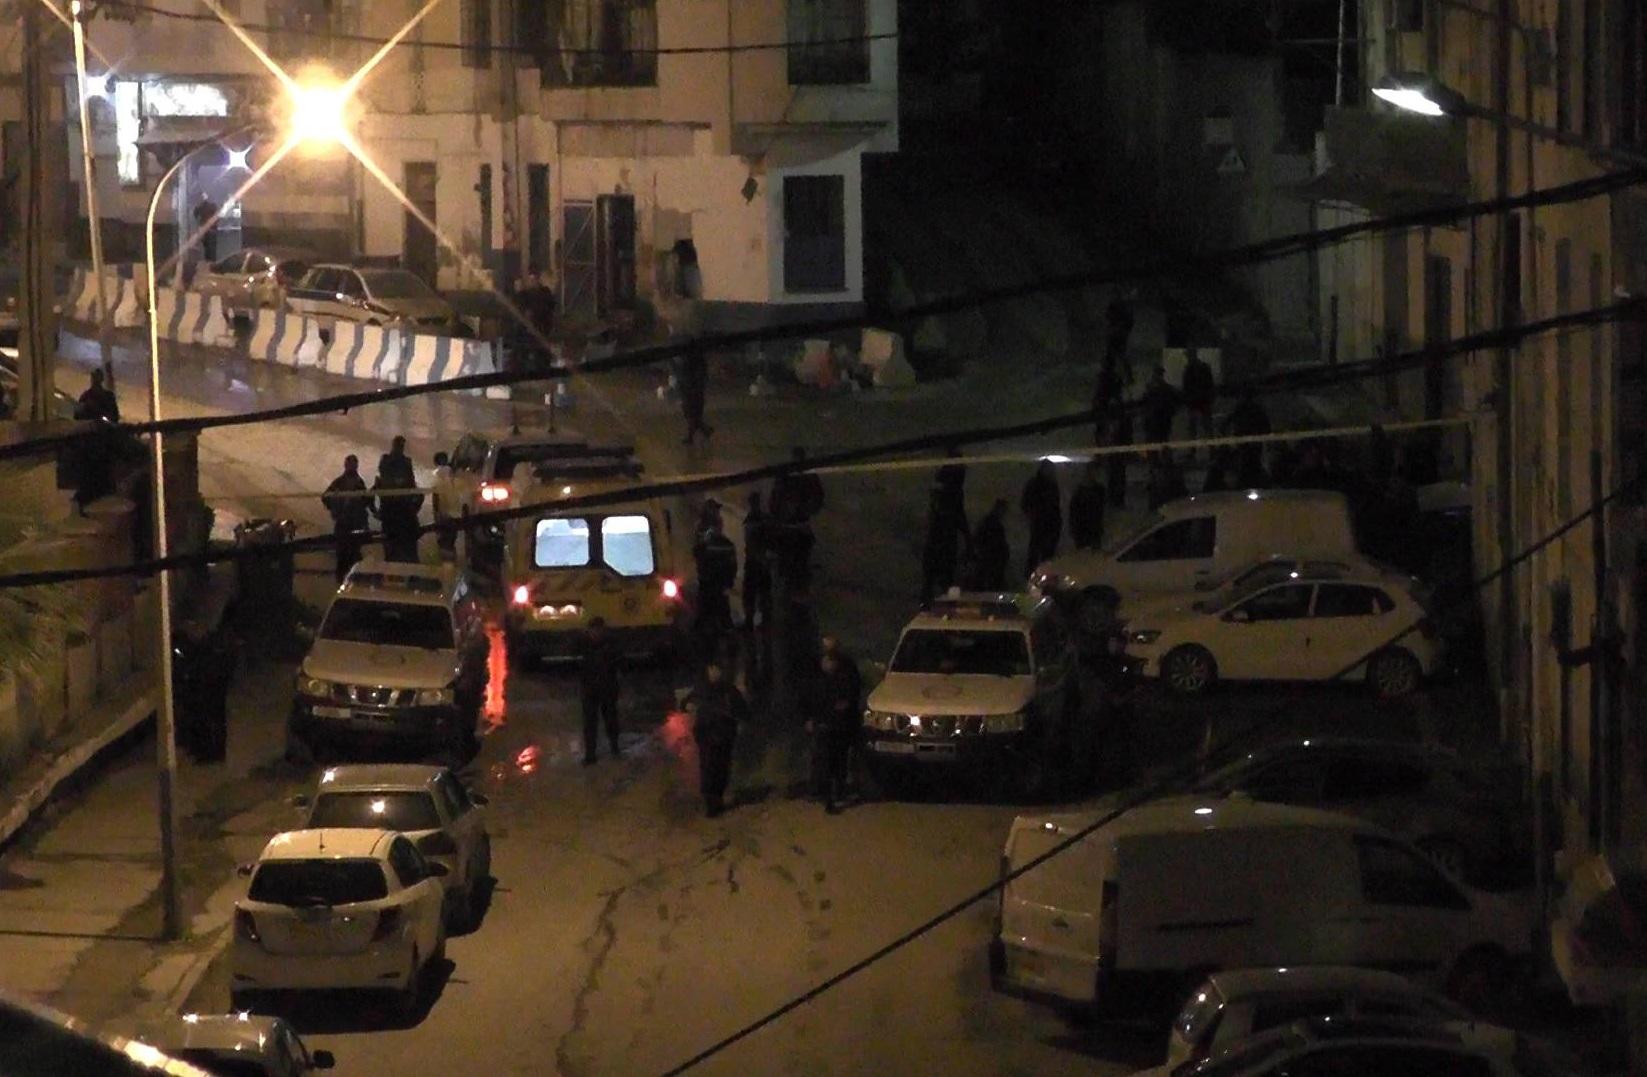 L'attentat a été déjoué grâce à la vigilance de la police. New Press